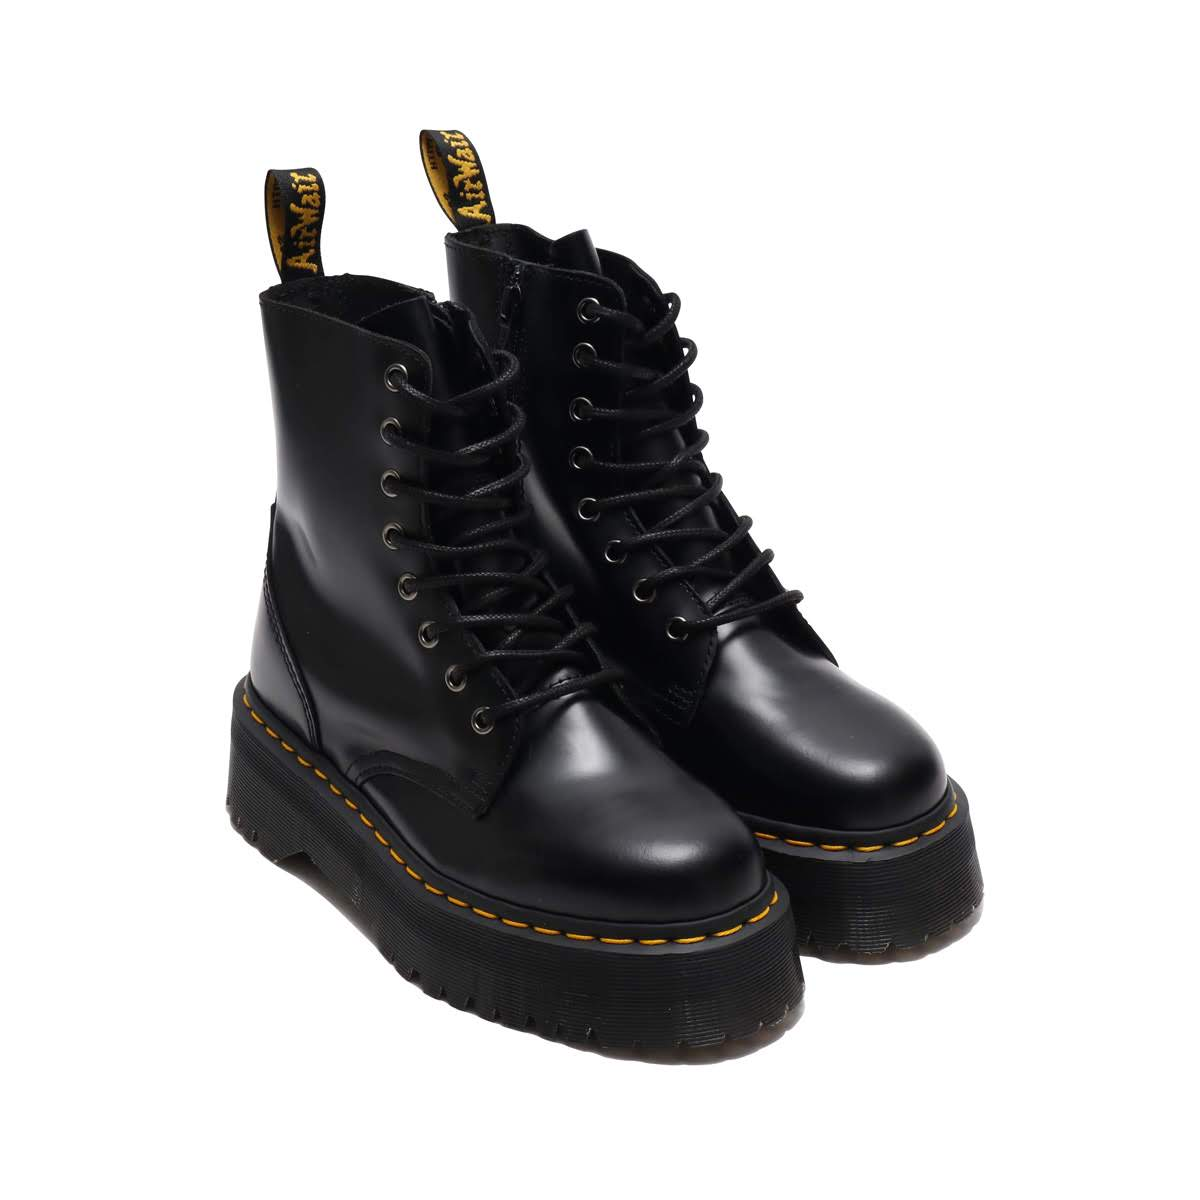 Dr.Martens QUAD RETRO JADON 8 EYE BOOT (ドクターマーチン クアッド レトロ ジェードン 8アイ ブーツ)BLACK【メンズ レディース ブーツ】18FW-I